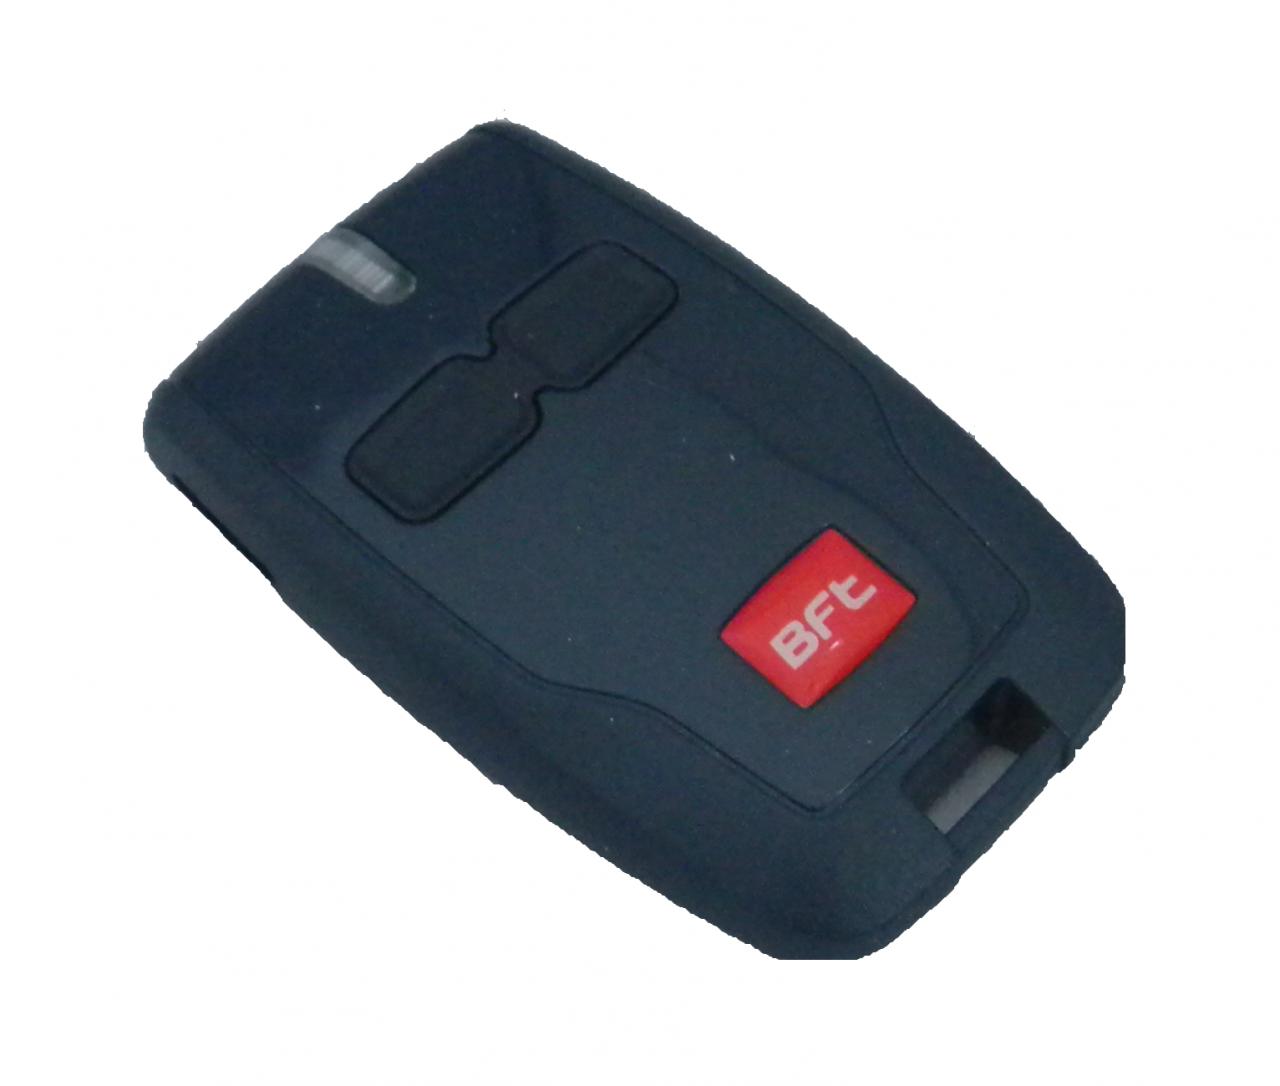 BFt Handsender Mitto 2 mit 433,92 MHz